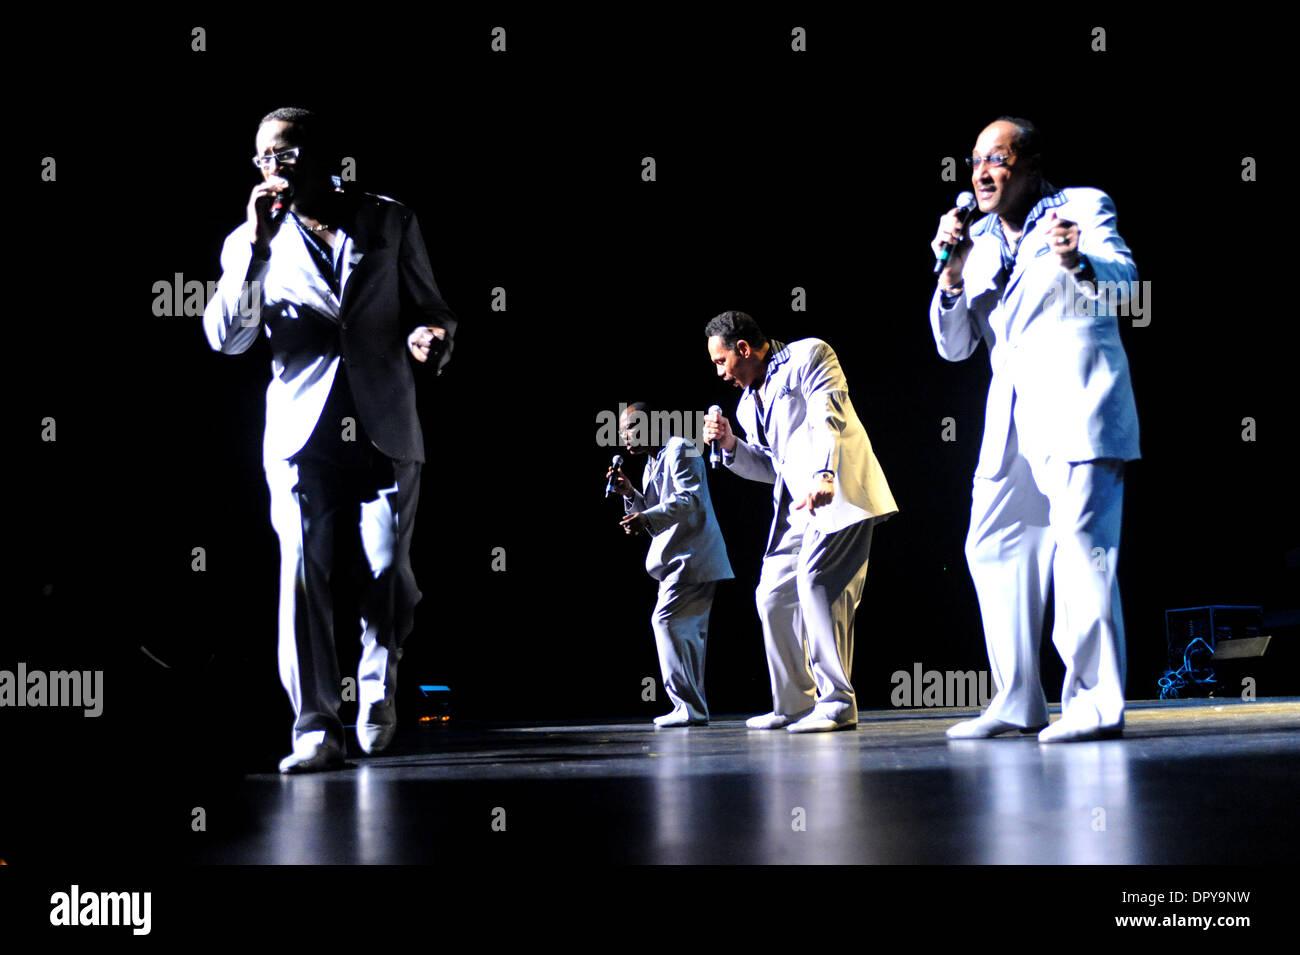 Nov 28, 2008 - Universal City, California, USA - Musicians